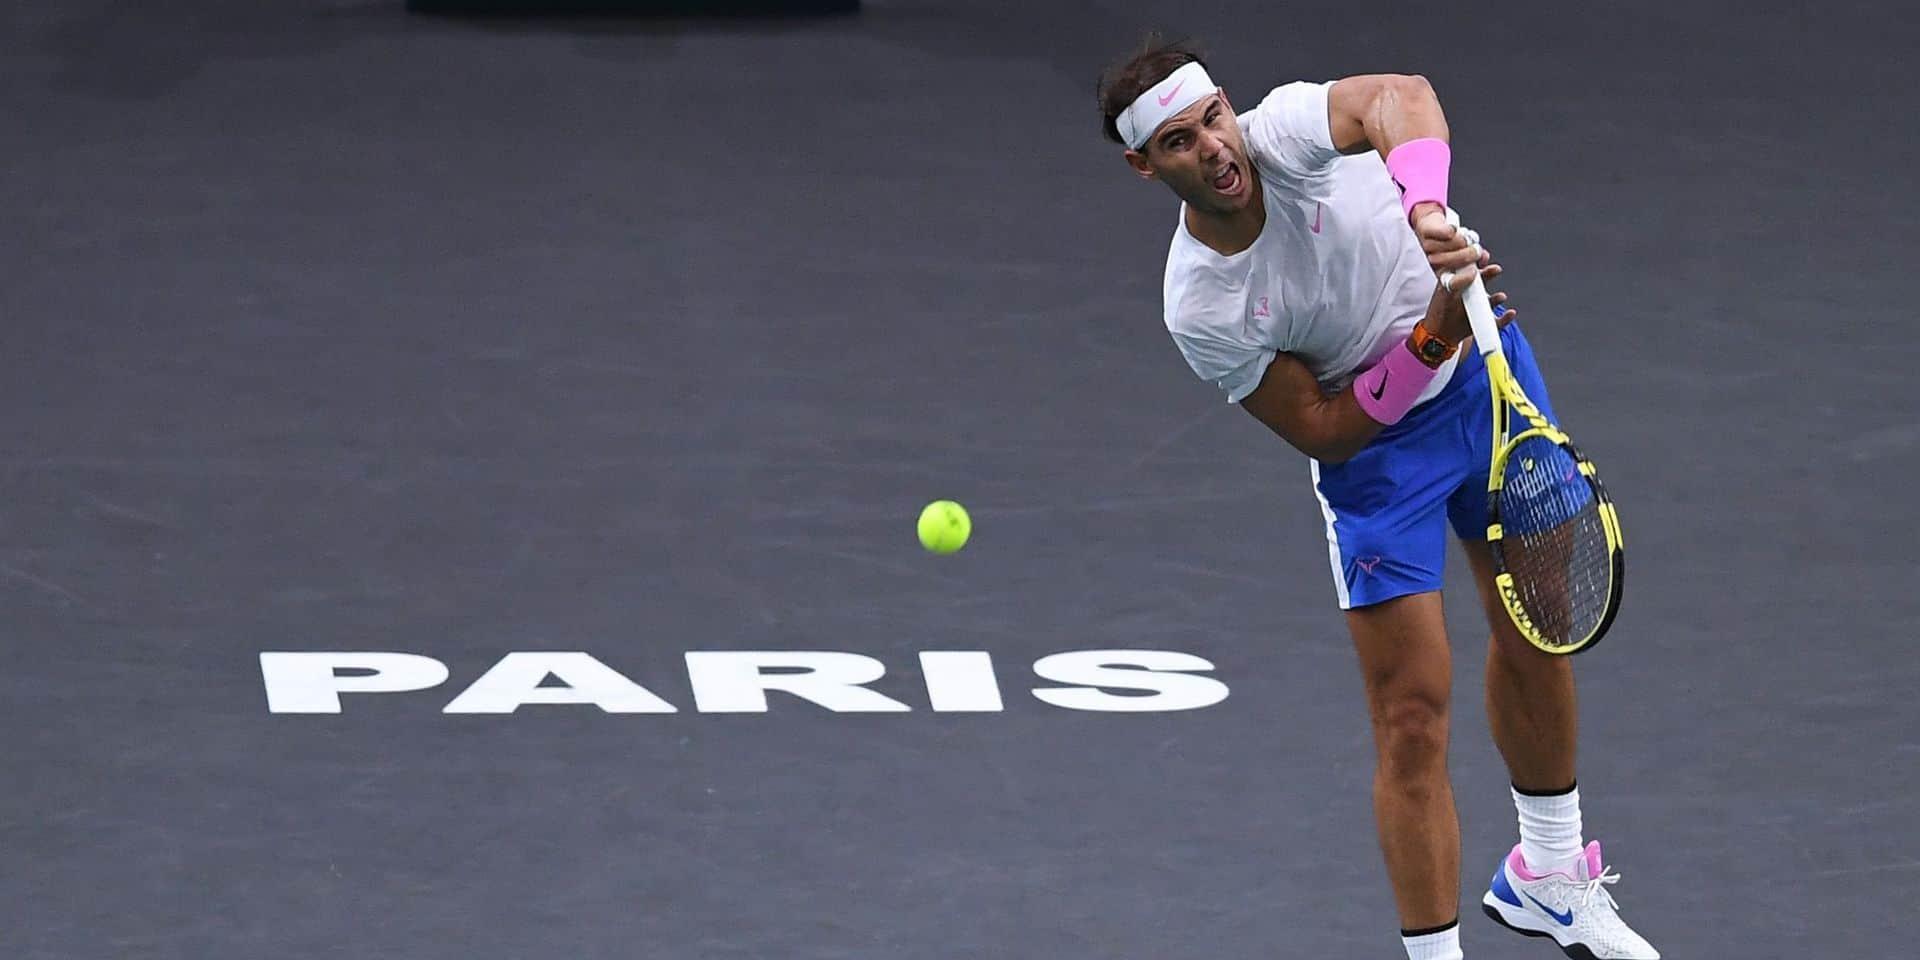 """Rafael Nadal veut gagner à Bercy: """"Je dois améliorer mon jeu pour briller sur cette surface"""""""